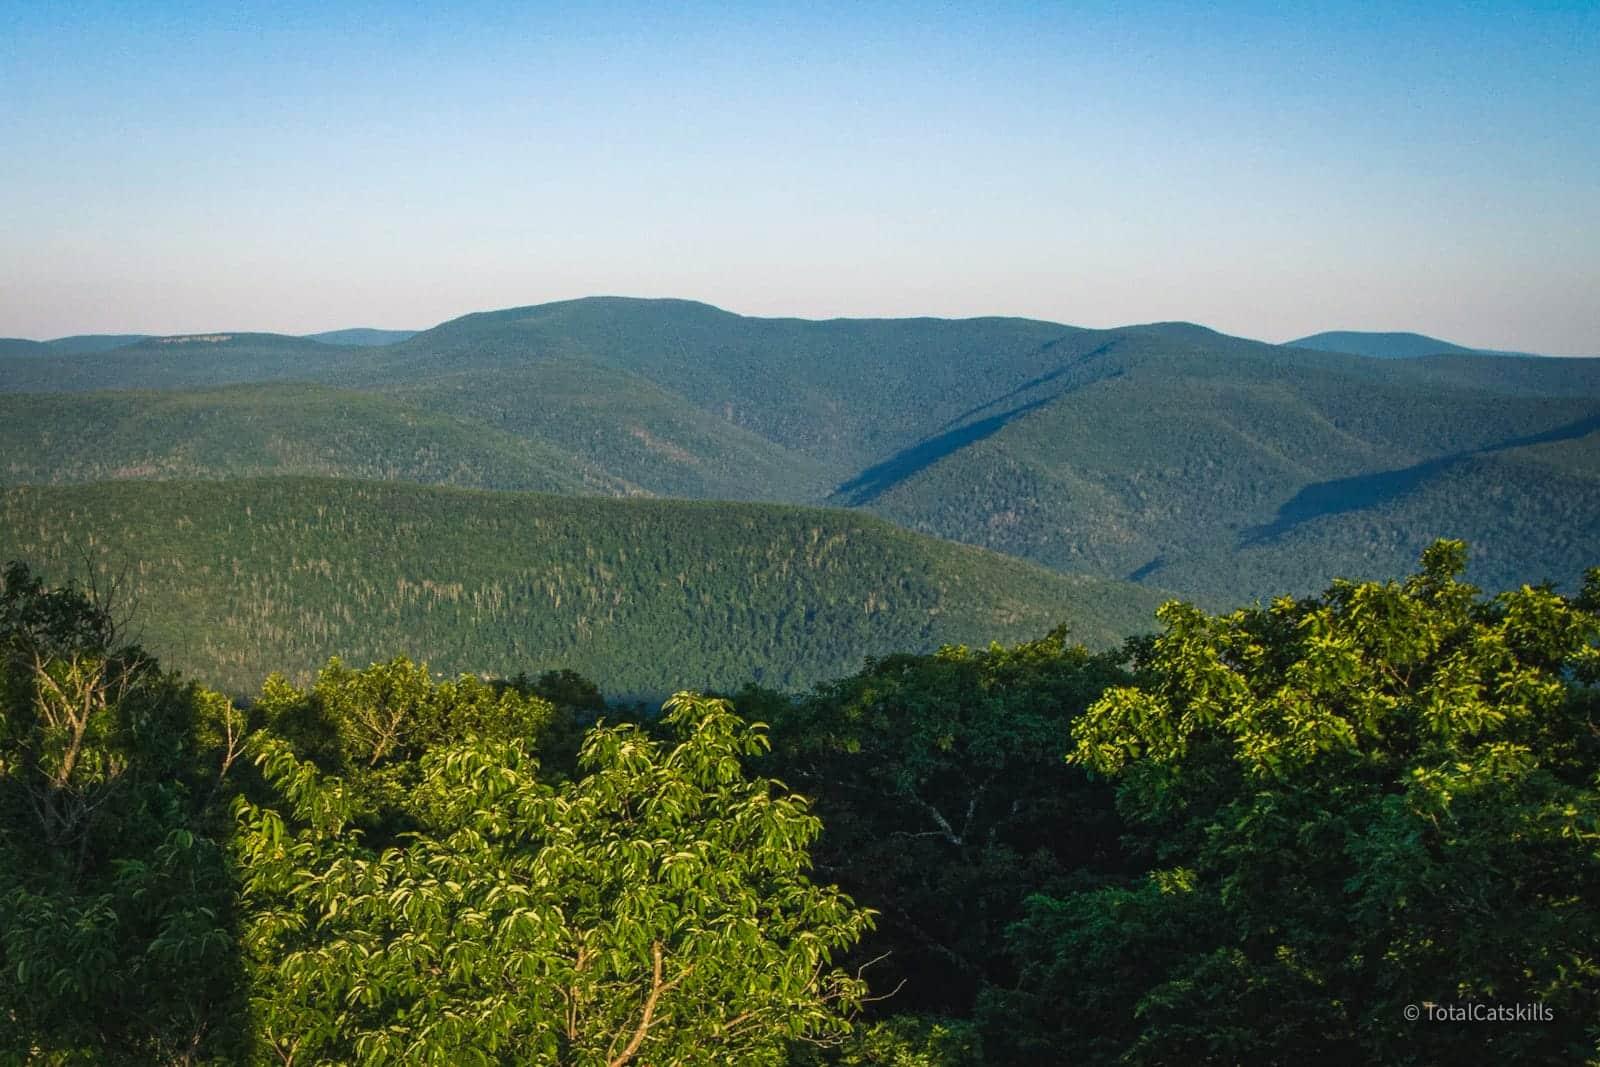 panther mountain summit